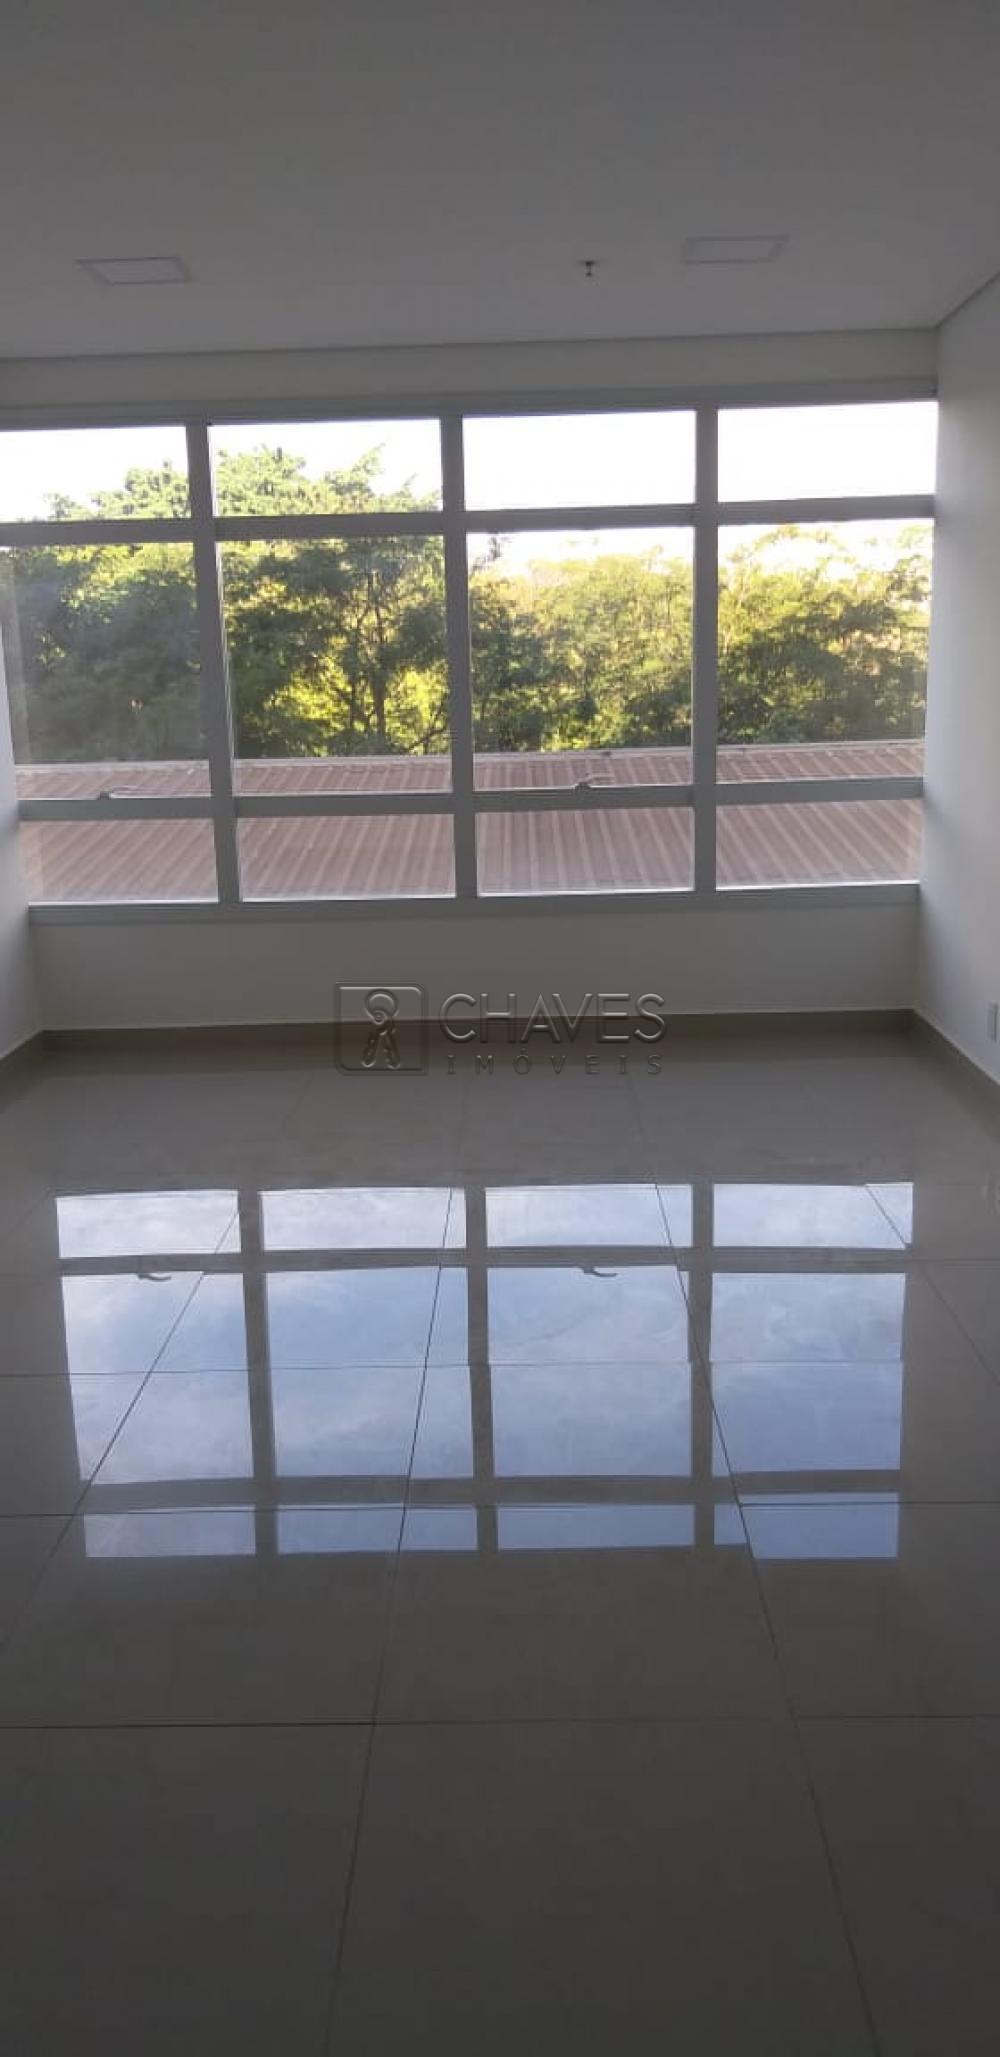 Alugar Comercial / Sala em Condomínio em Ribeirão Preto R$ 900,00 - Foto 3